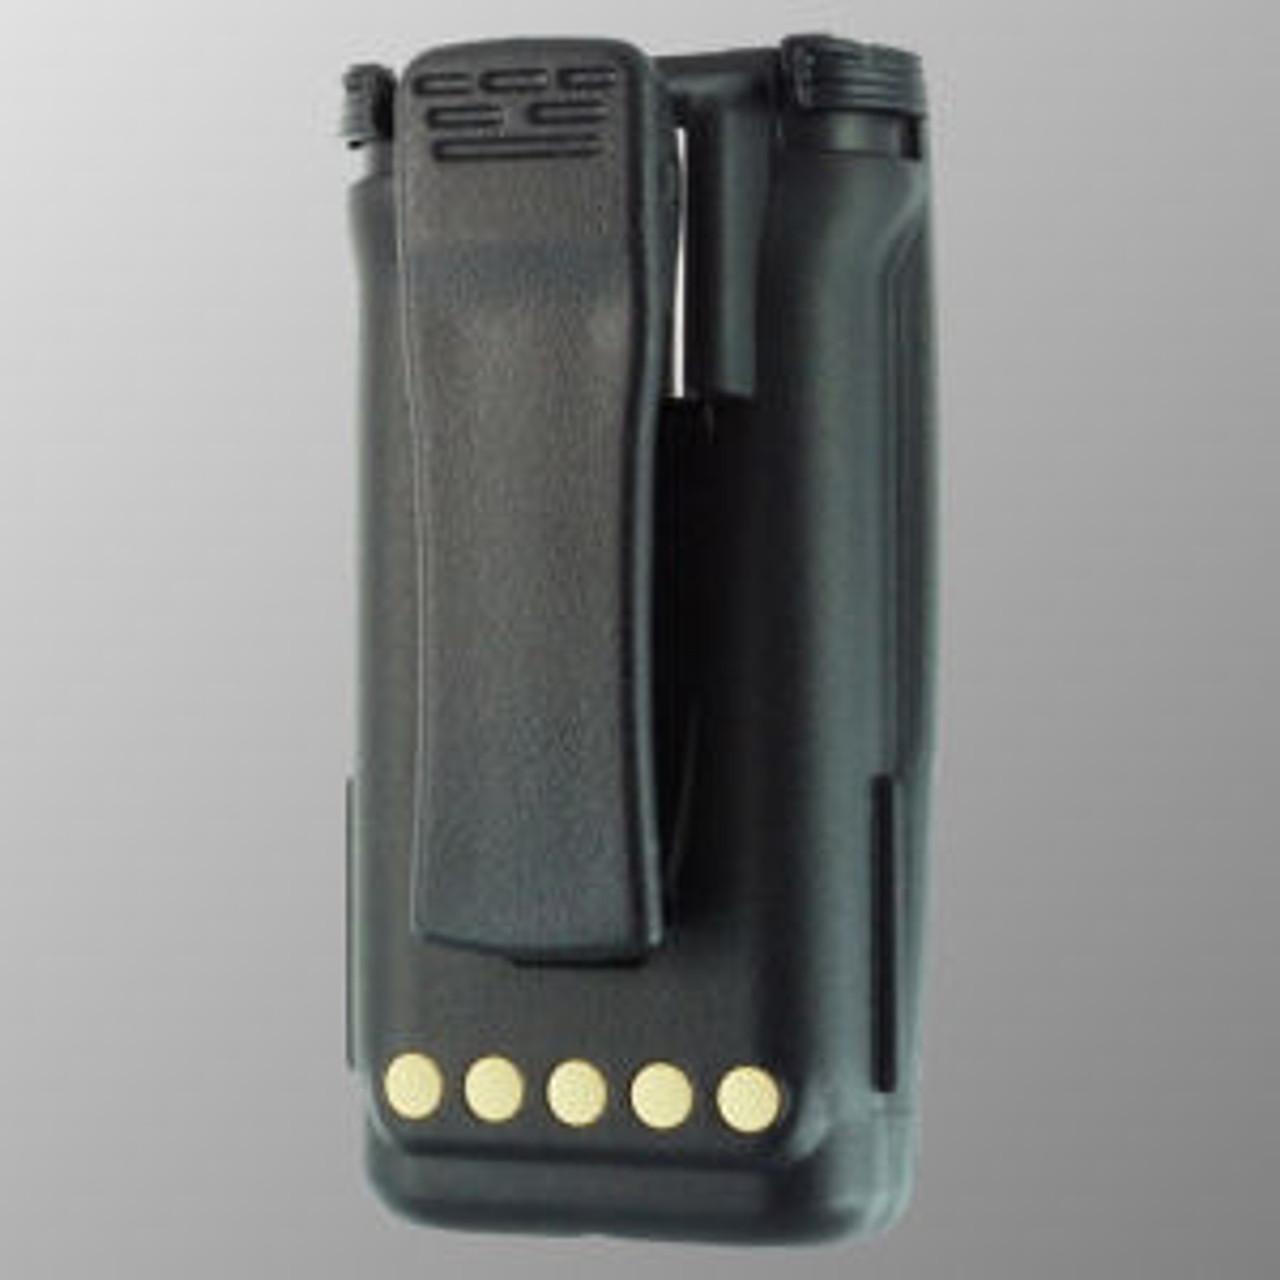 M/A-Com P5370 Intrinsically Safe Battery - 2500mAh Li-Ion